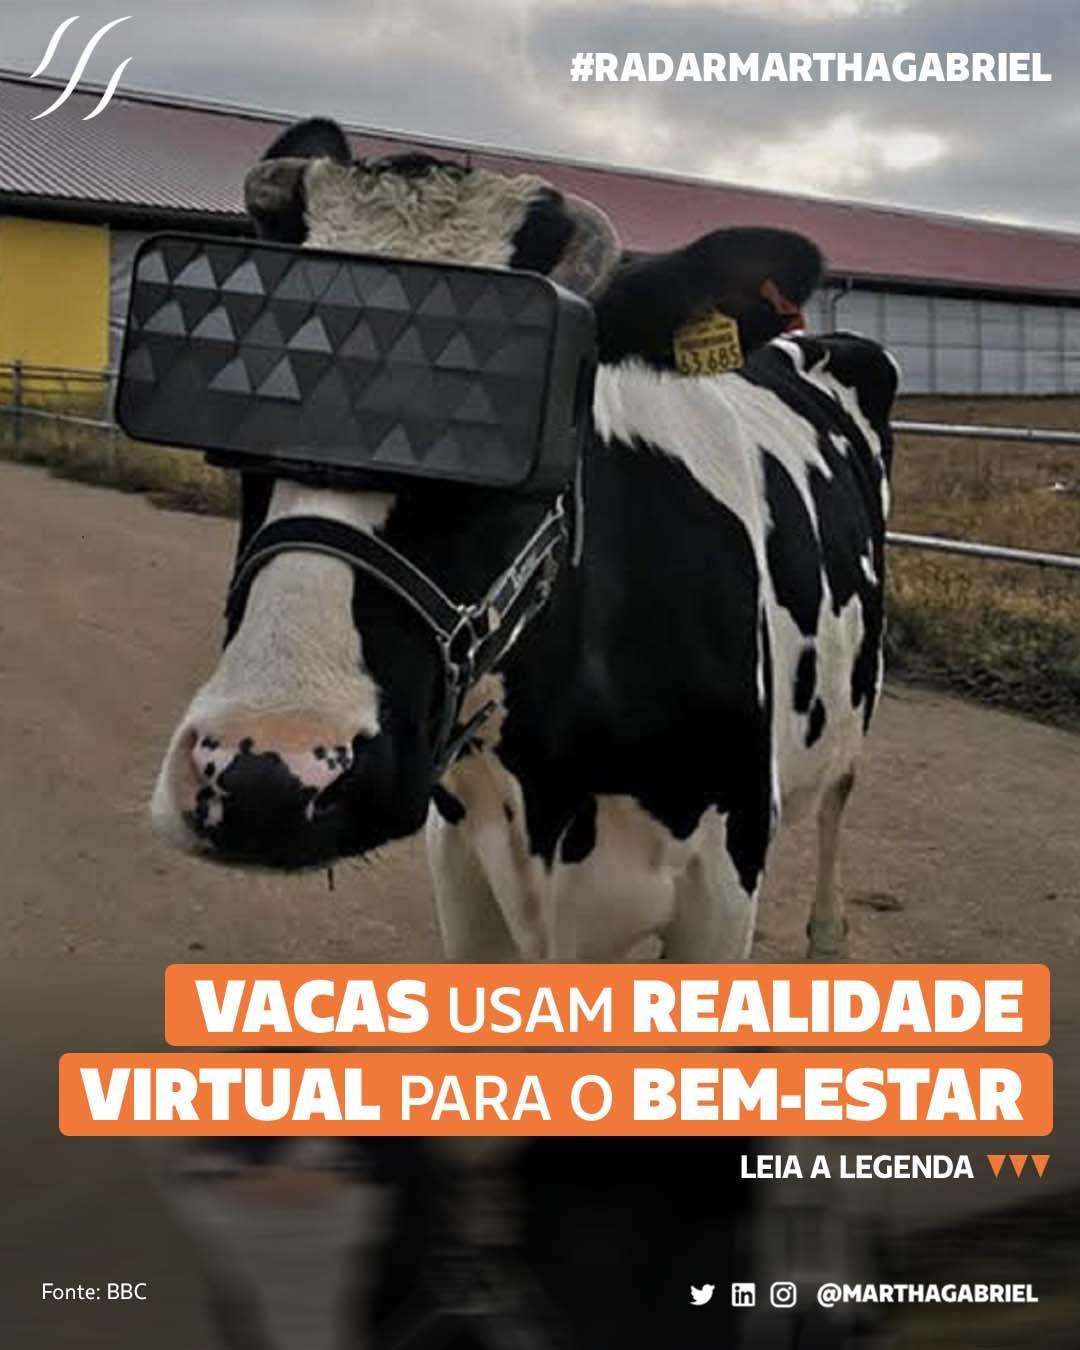 Vacas usam realidade virtual para o bem-estar